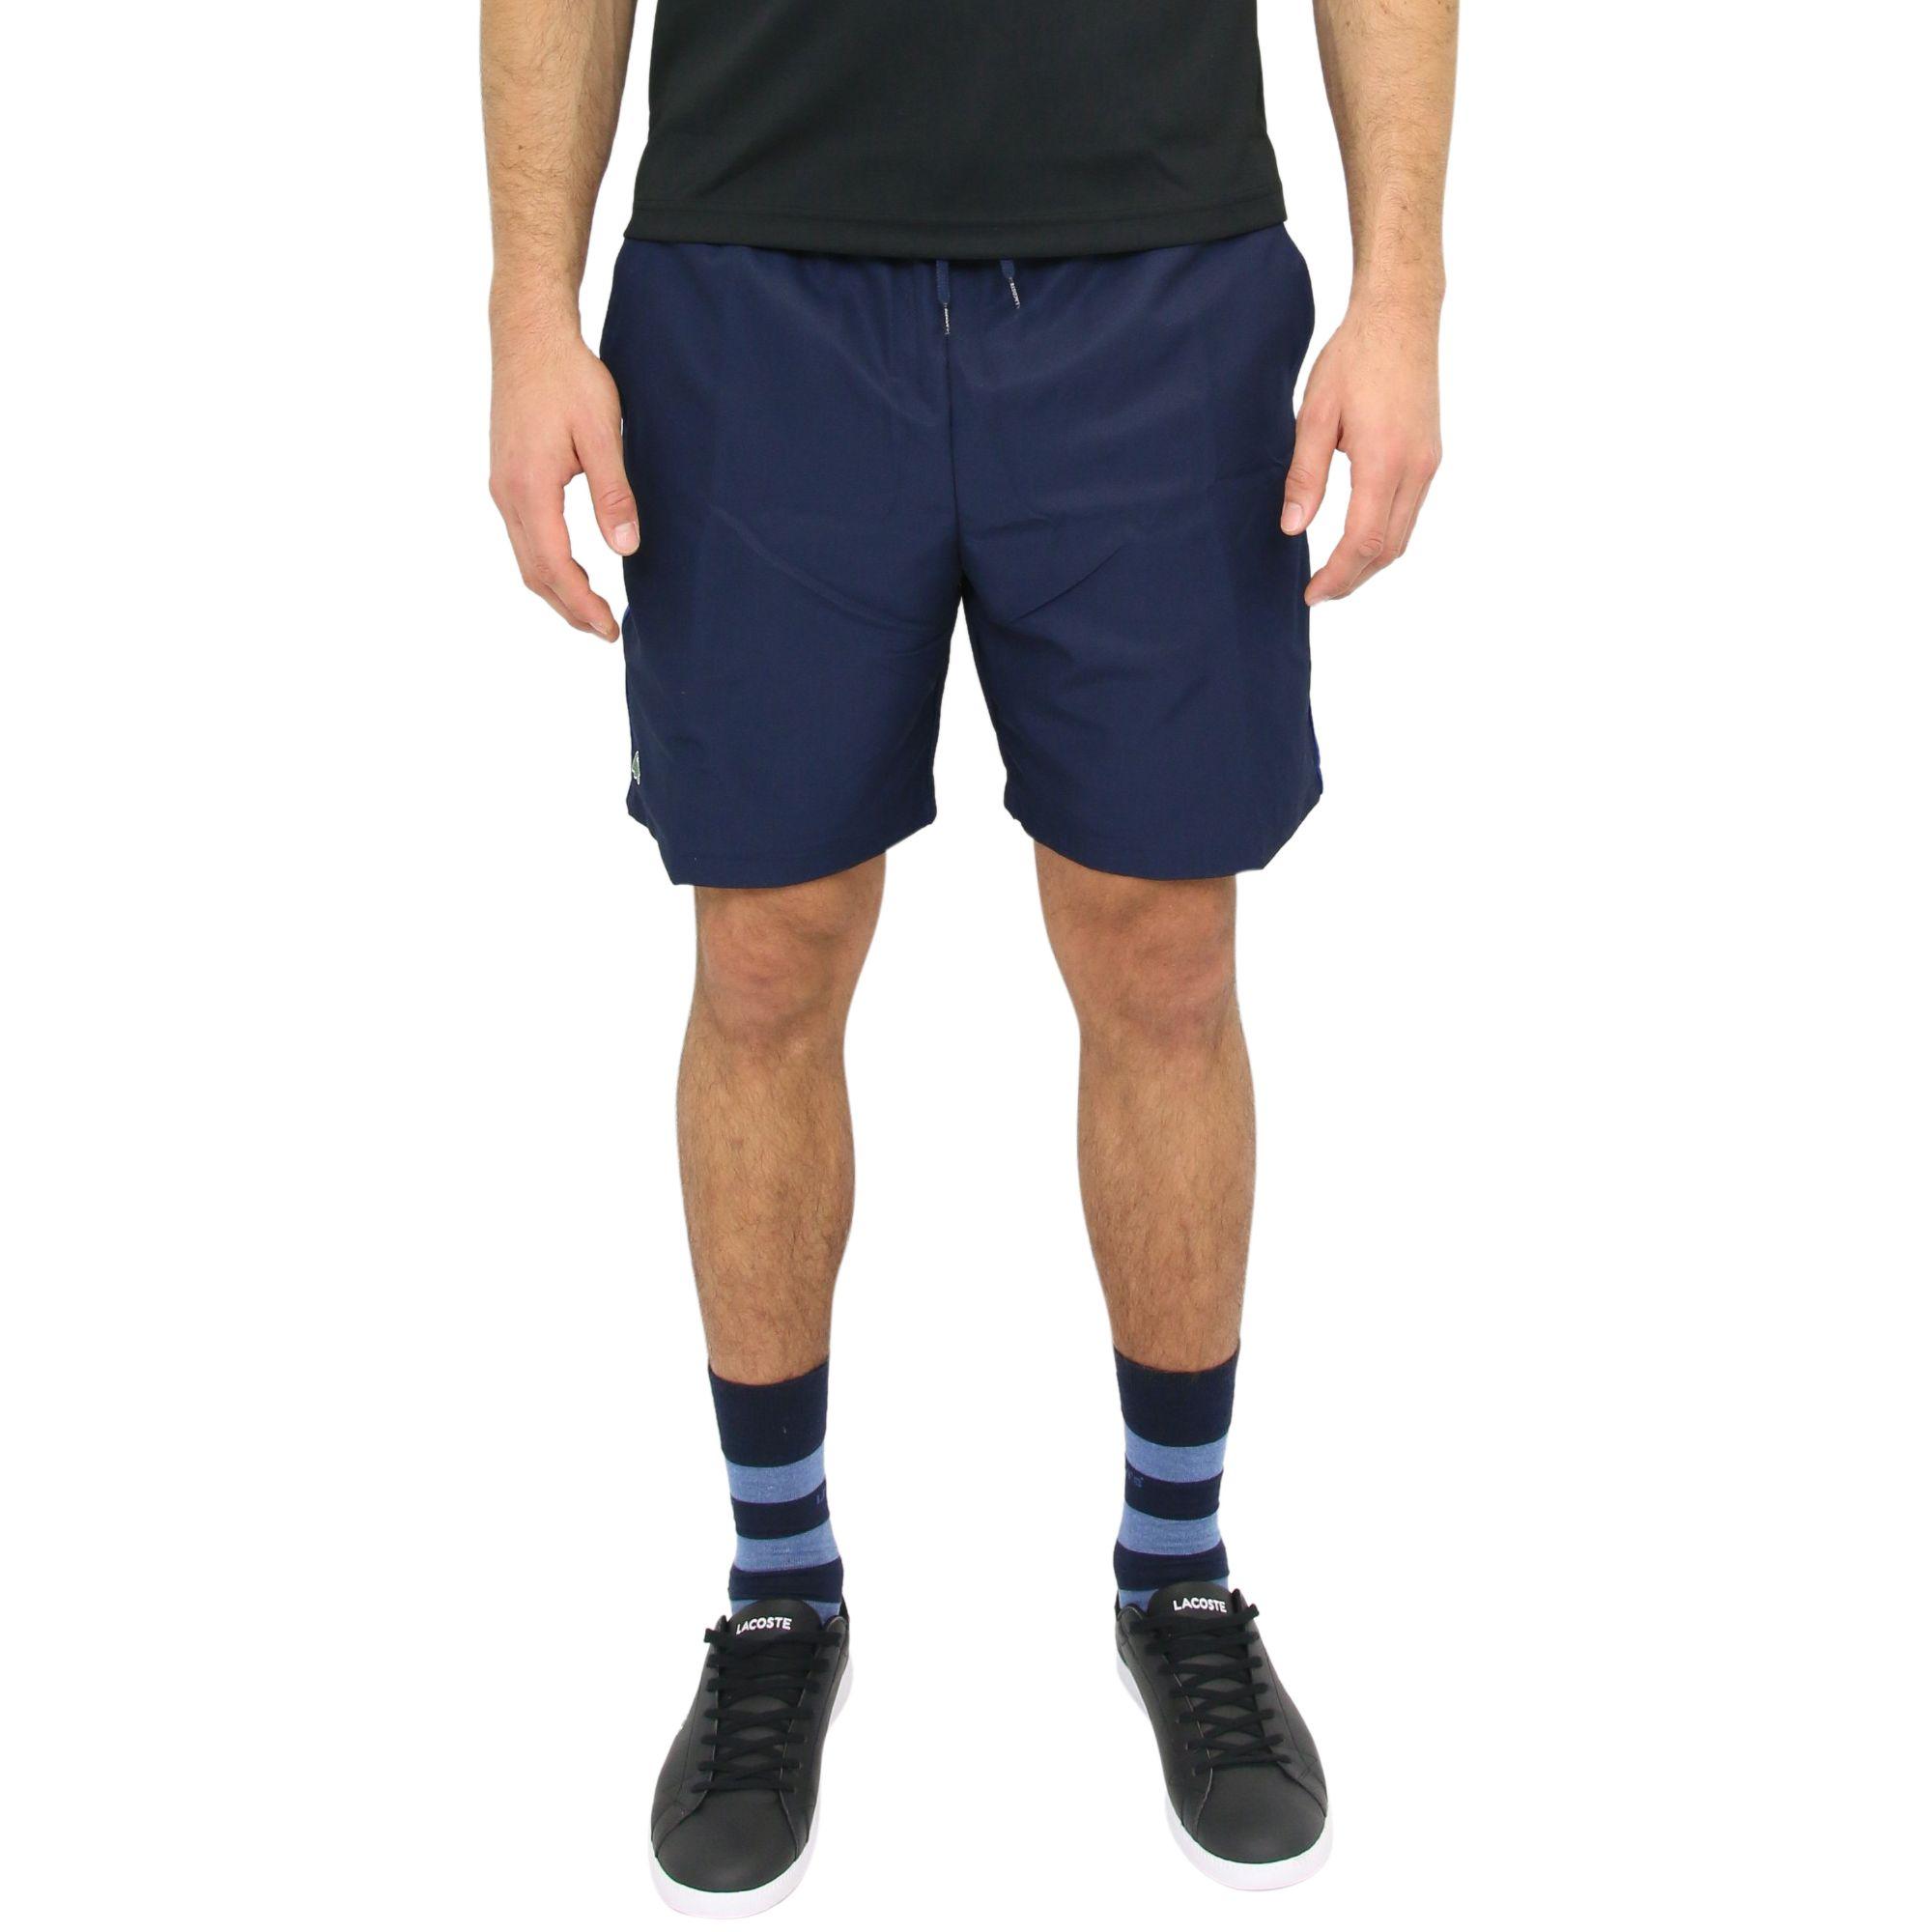 lacoste sport shorts hose tennishose sporthose kurze hose herren dunkelblau ebay. Black Bedroom Furniture Sets. Home Design Ideas